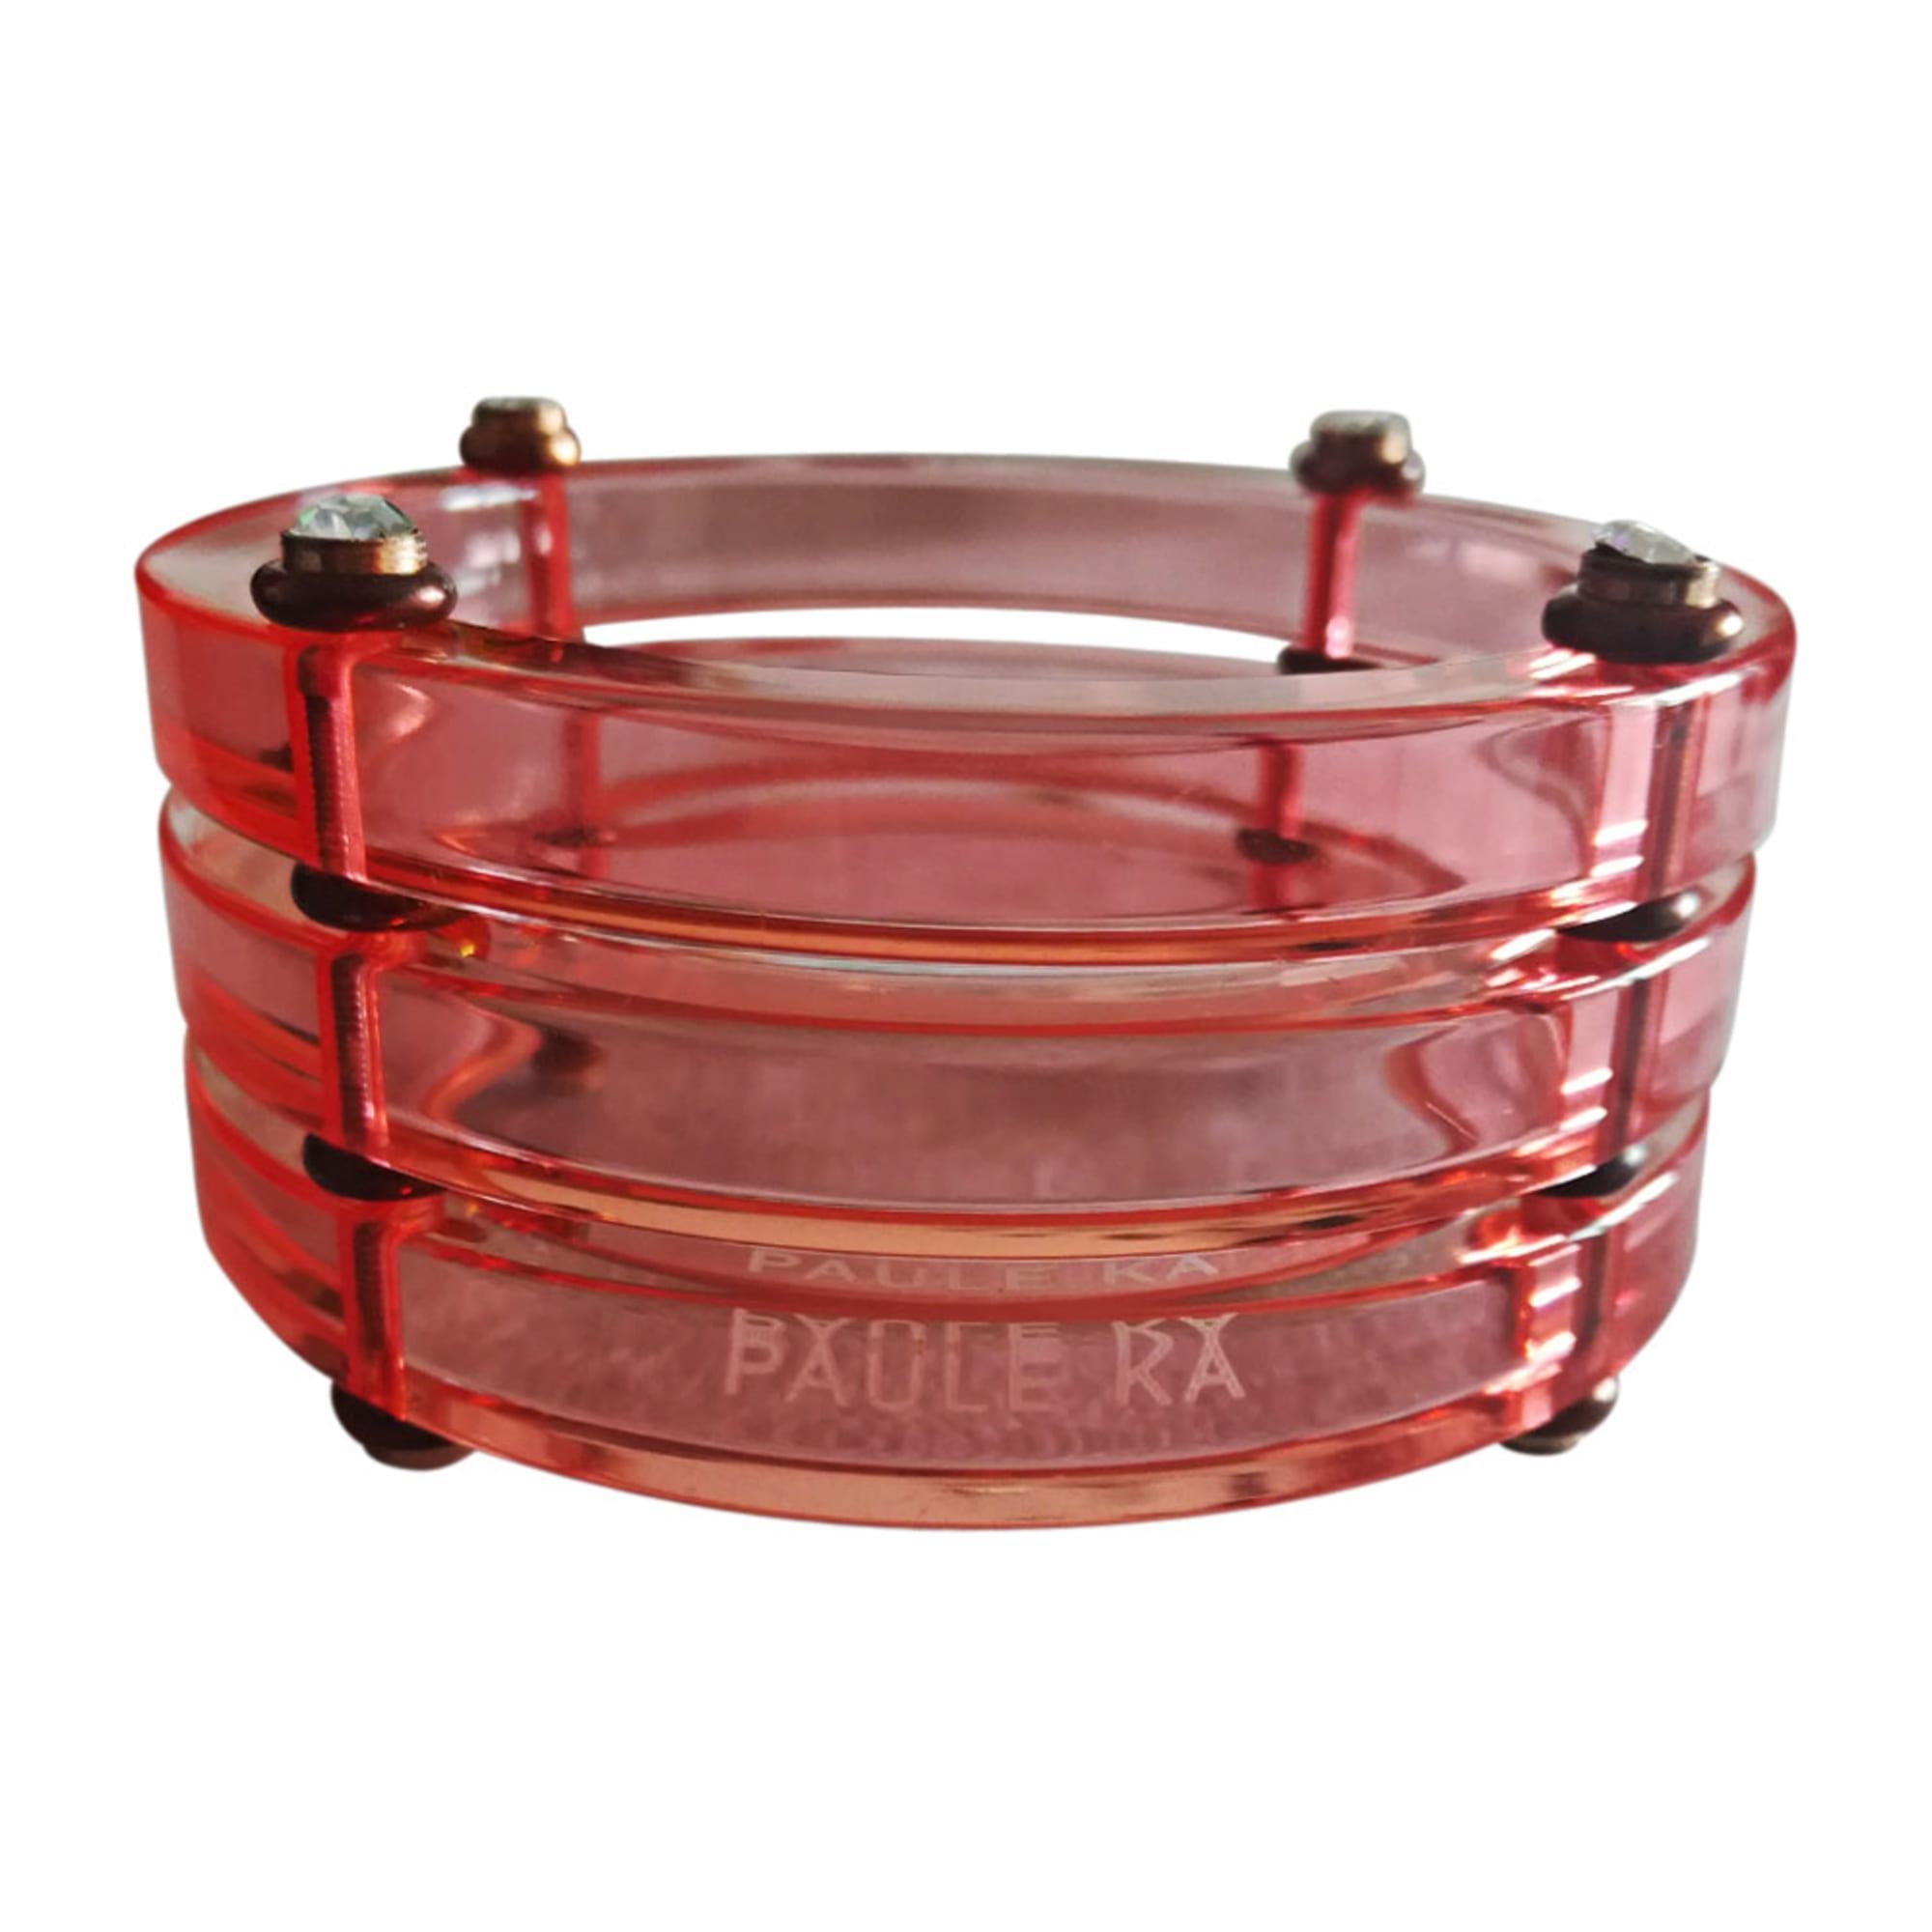 réduction jusqu'à 60% aperçu de remise chaude Bracelet